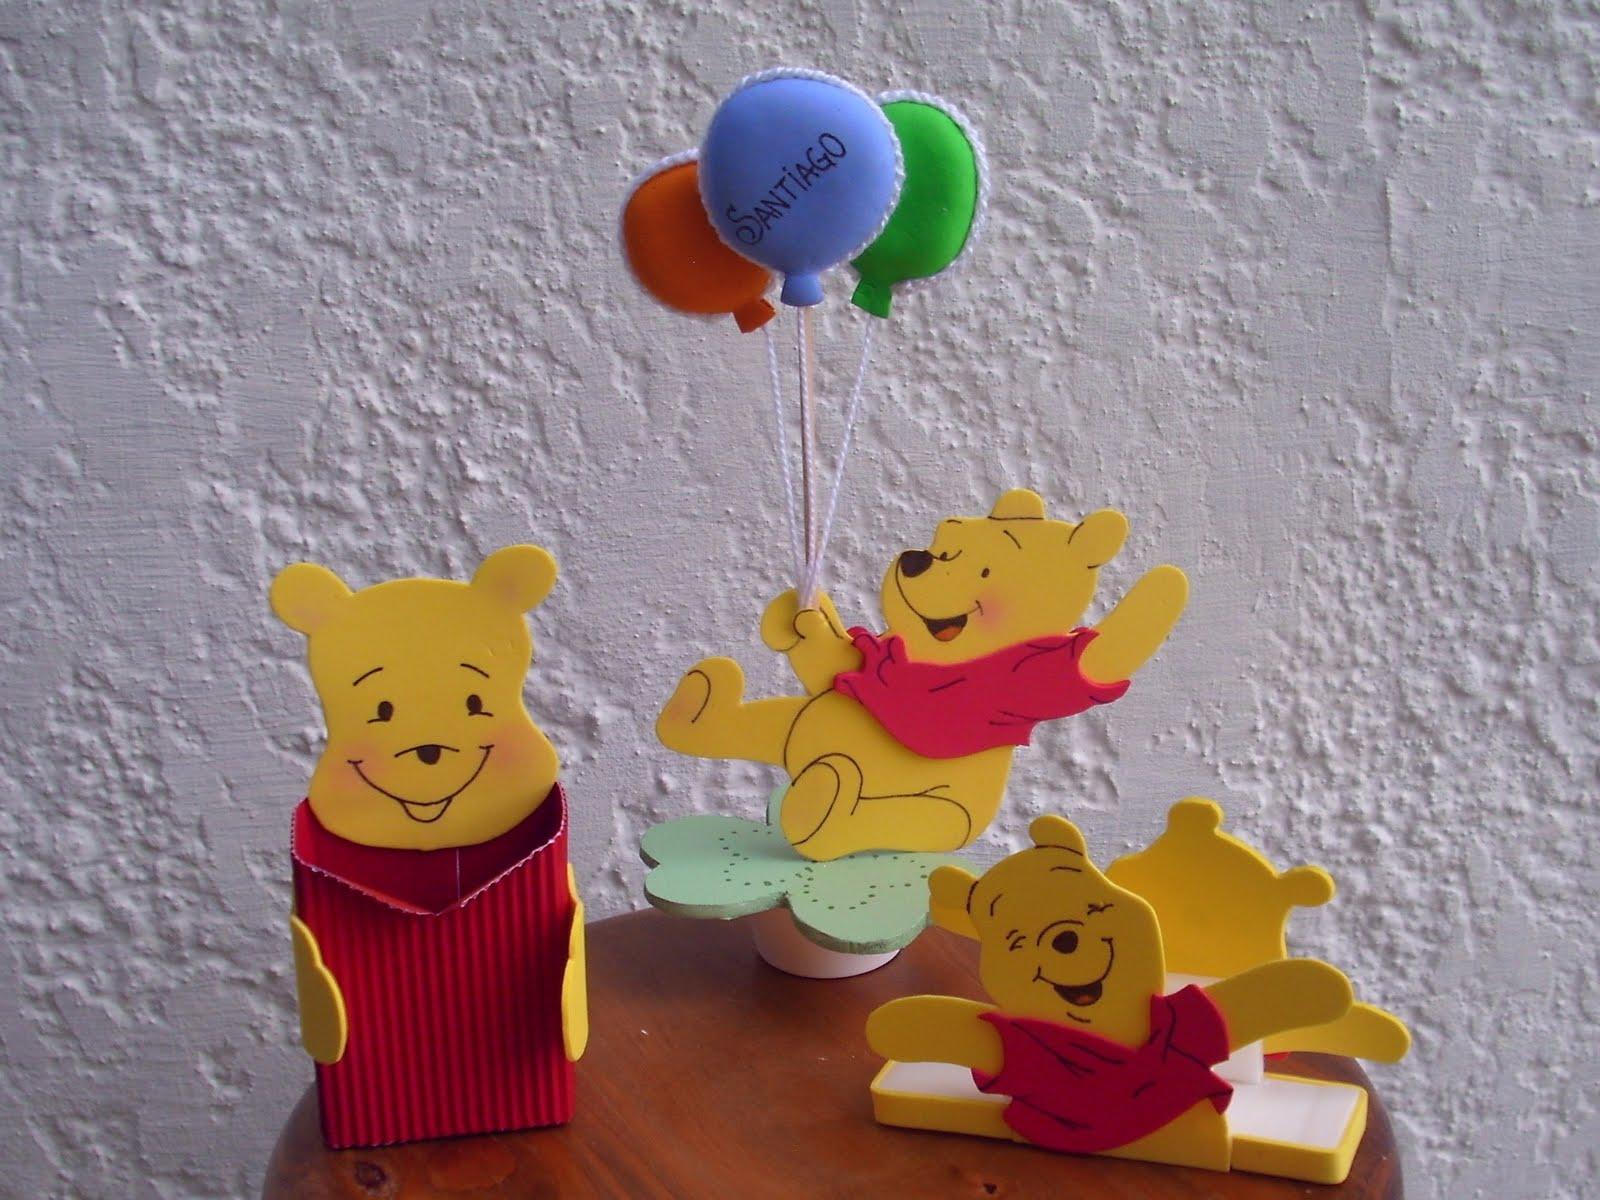 Cumpleaños Winnie Pooh en goma eva centros de mesa - Imagui